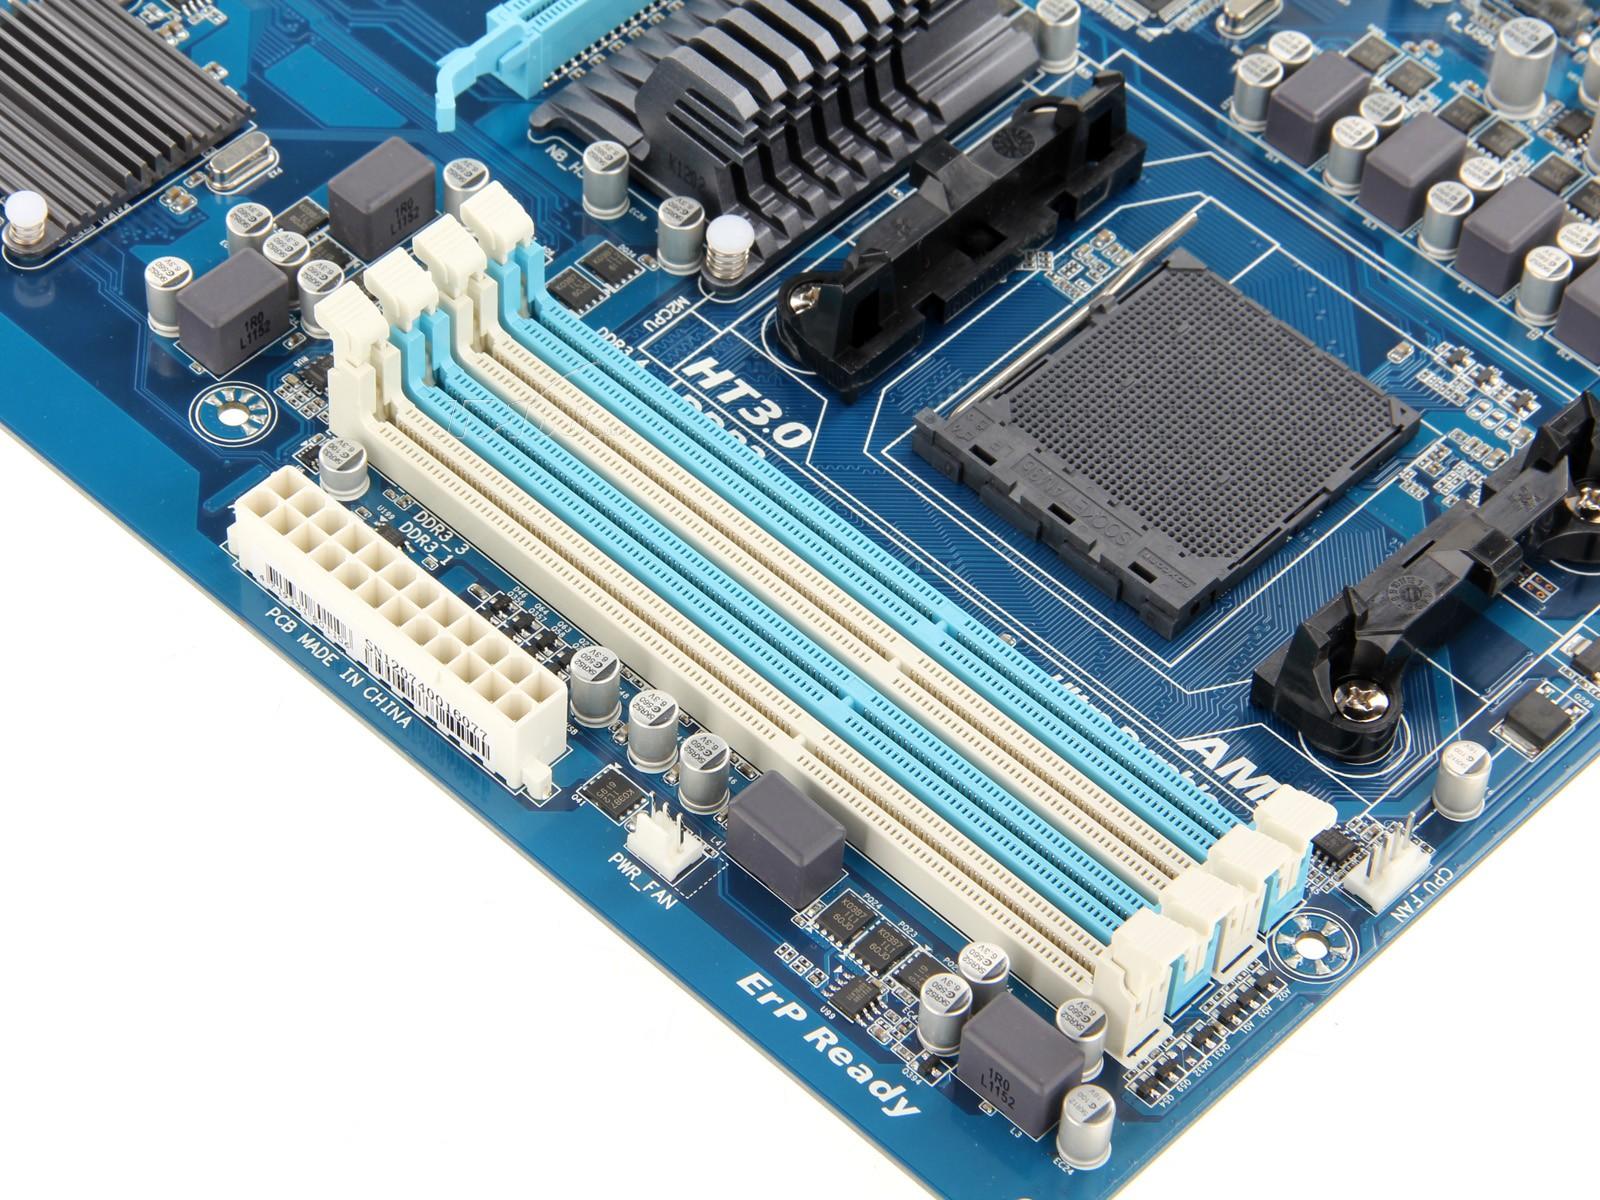 技嘉ga-970a-d3主板产品图片6